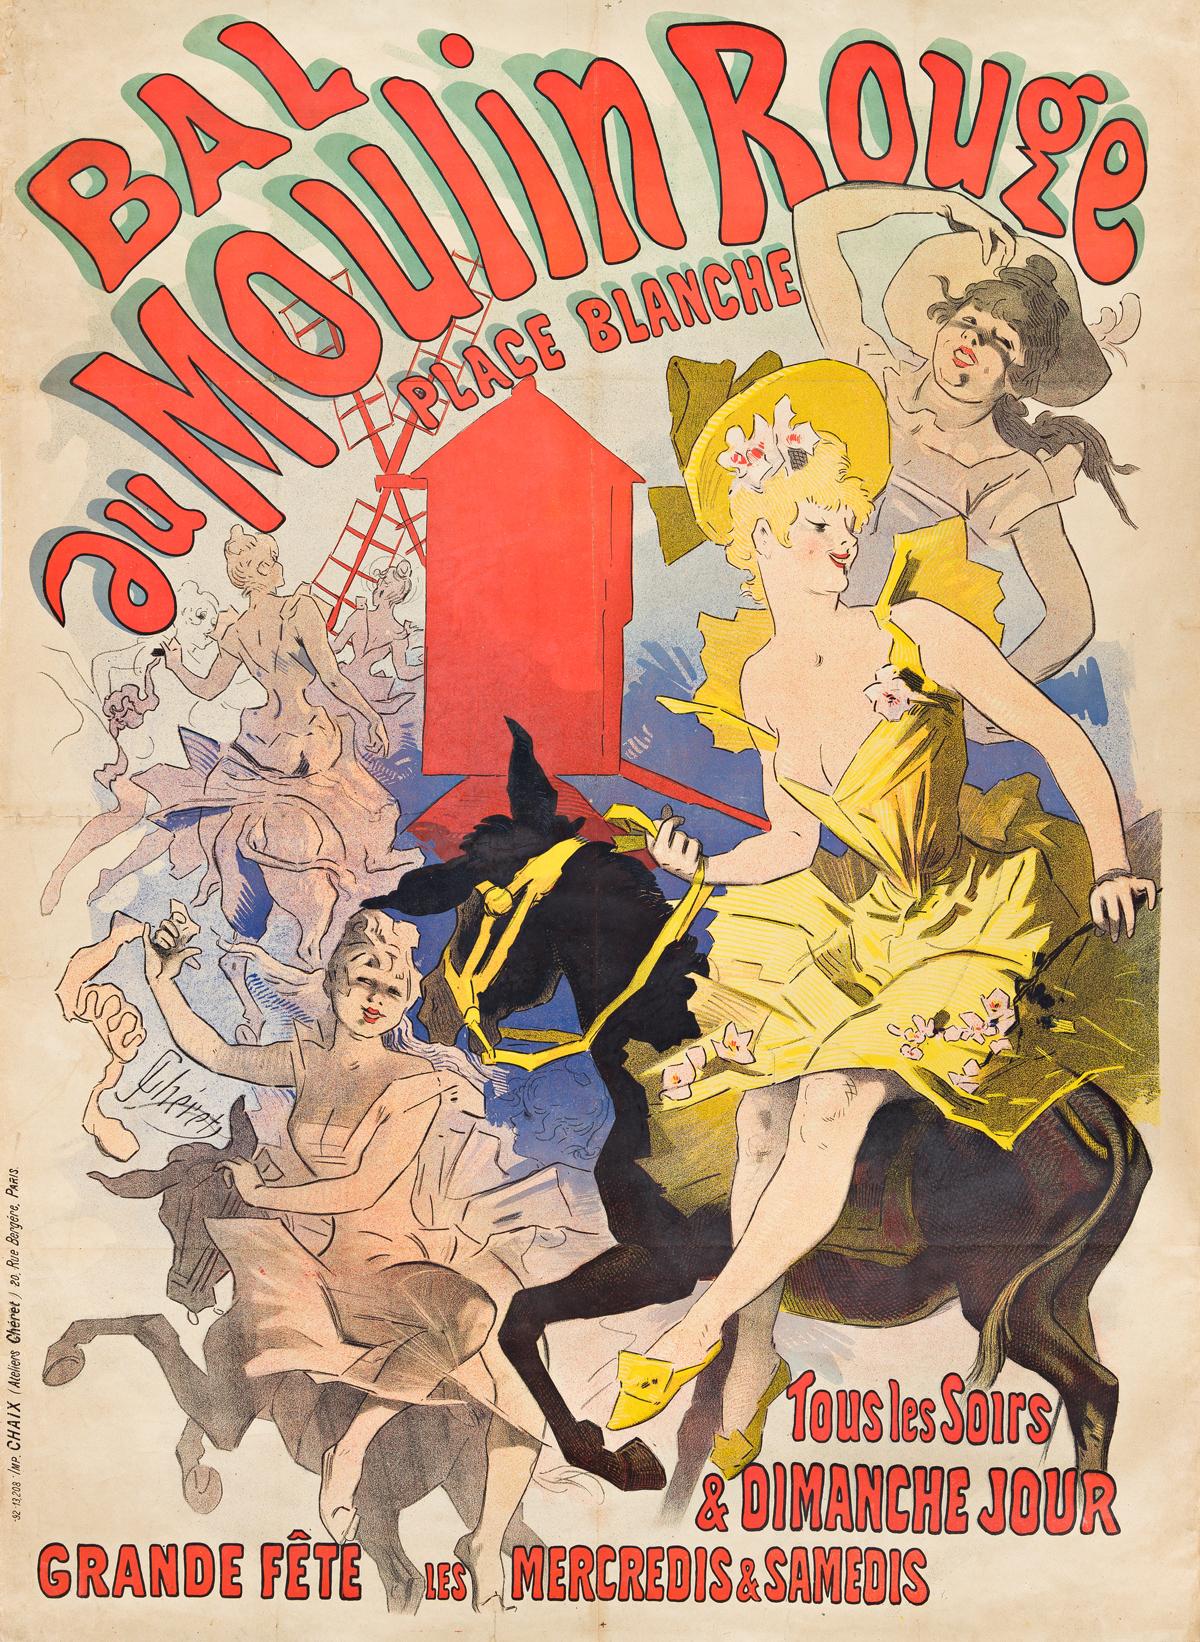 JULES CHÉRET (1836-1932).  BAL AU MOULIN ROUGE. 1889. 48x35 inches, 123x90 cm. Chaix, Paris.